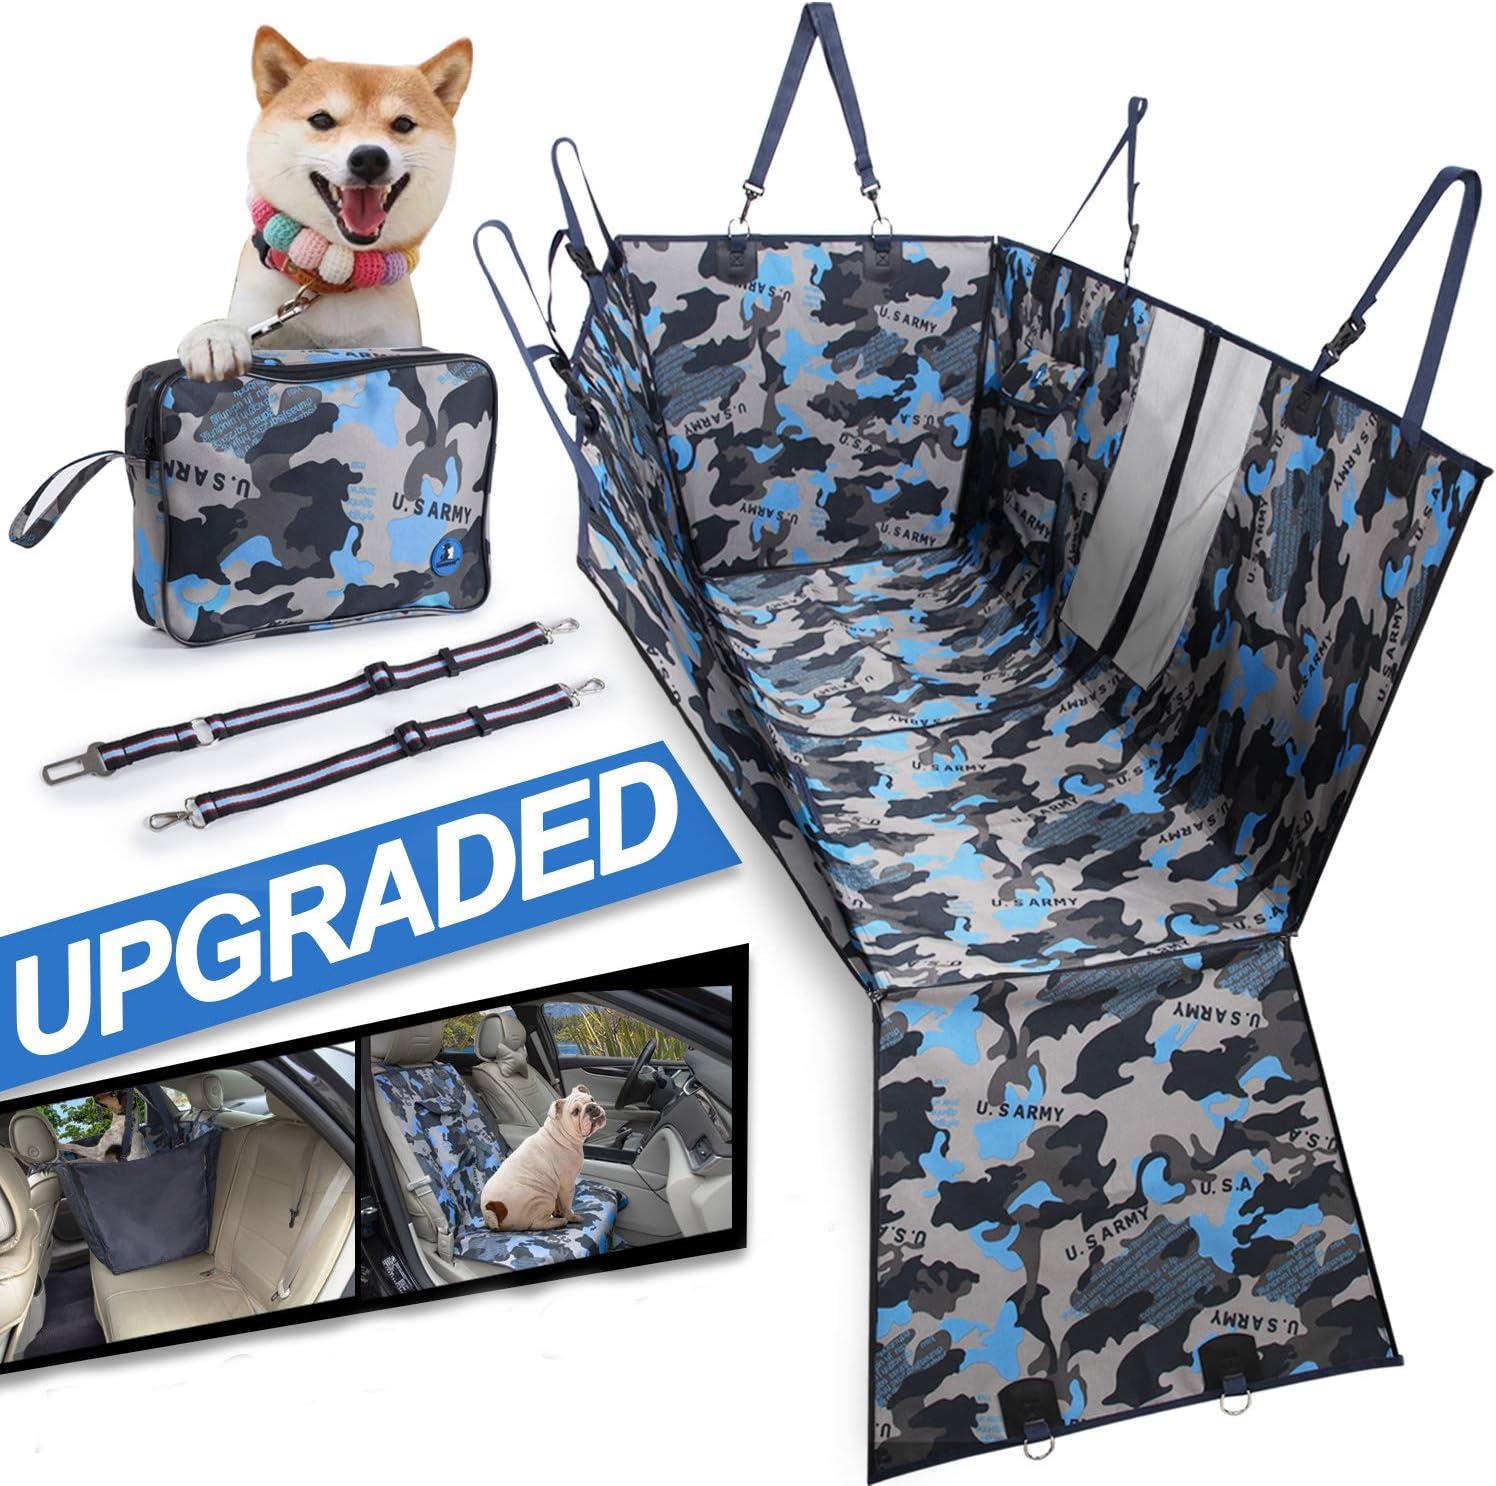 Baotung Hunde Autoschondecke Kofferraumschutz Mit Seitenschutz Tragetasche Und Gurte Wasserdicht Rutschfest Waschbar Blau Haustier